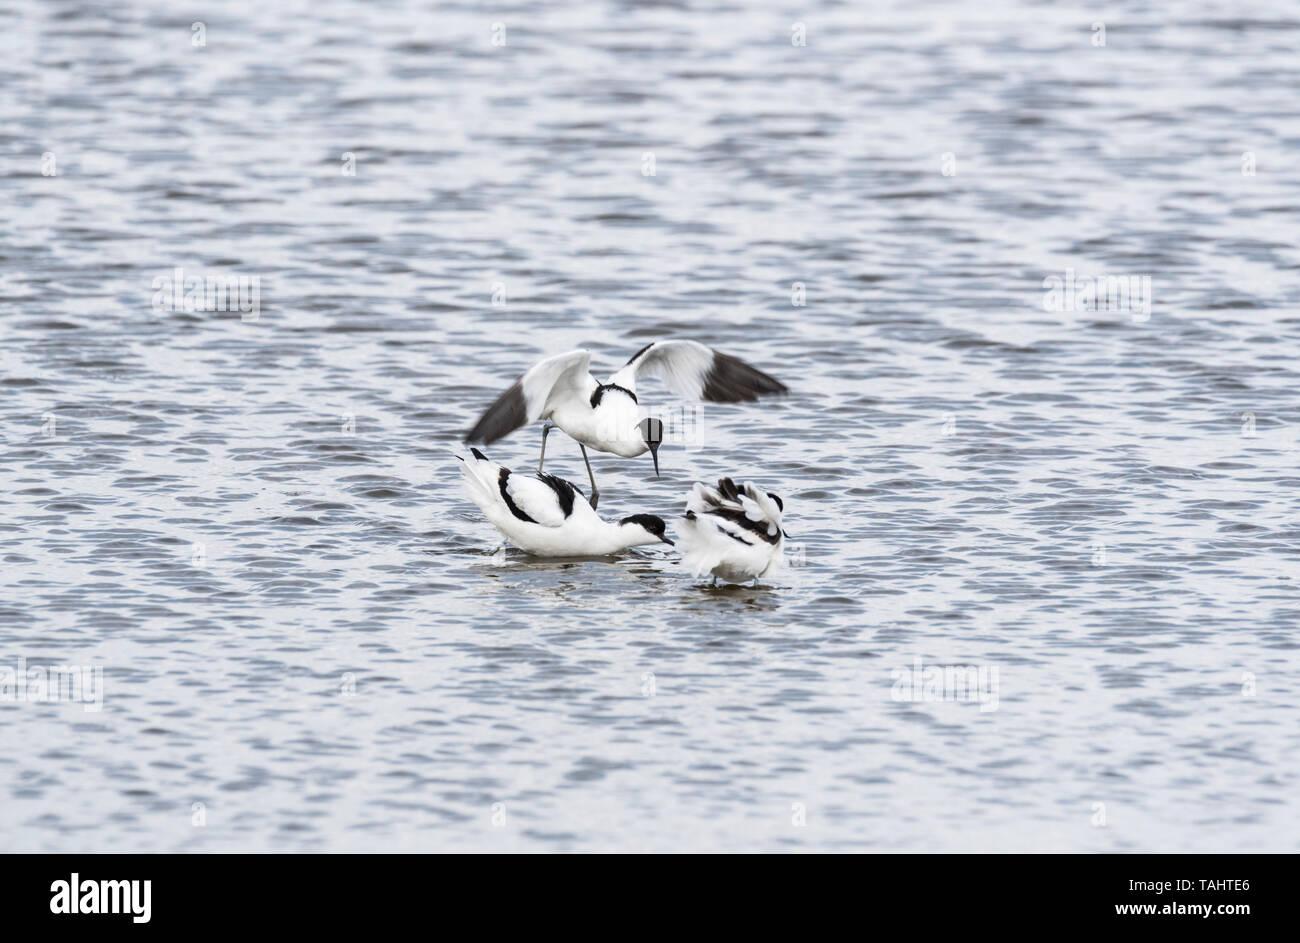 Avocet (Recurvirostra avosetta) mostra aggressione ad altri avocette Immagini Stock